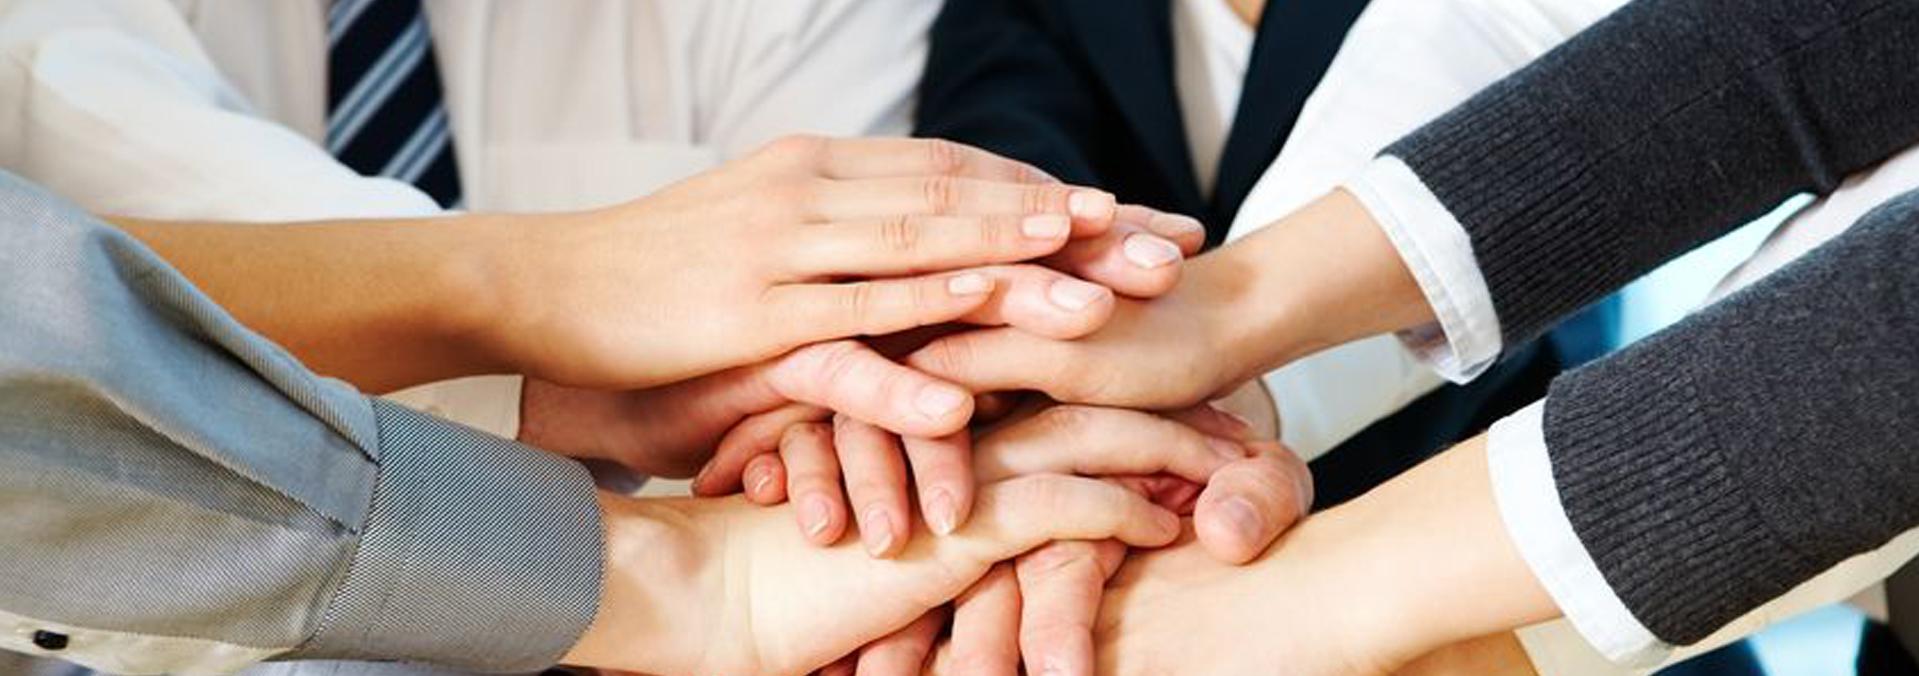 Цитаты про единство коллектива